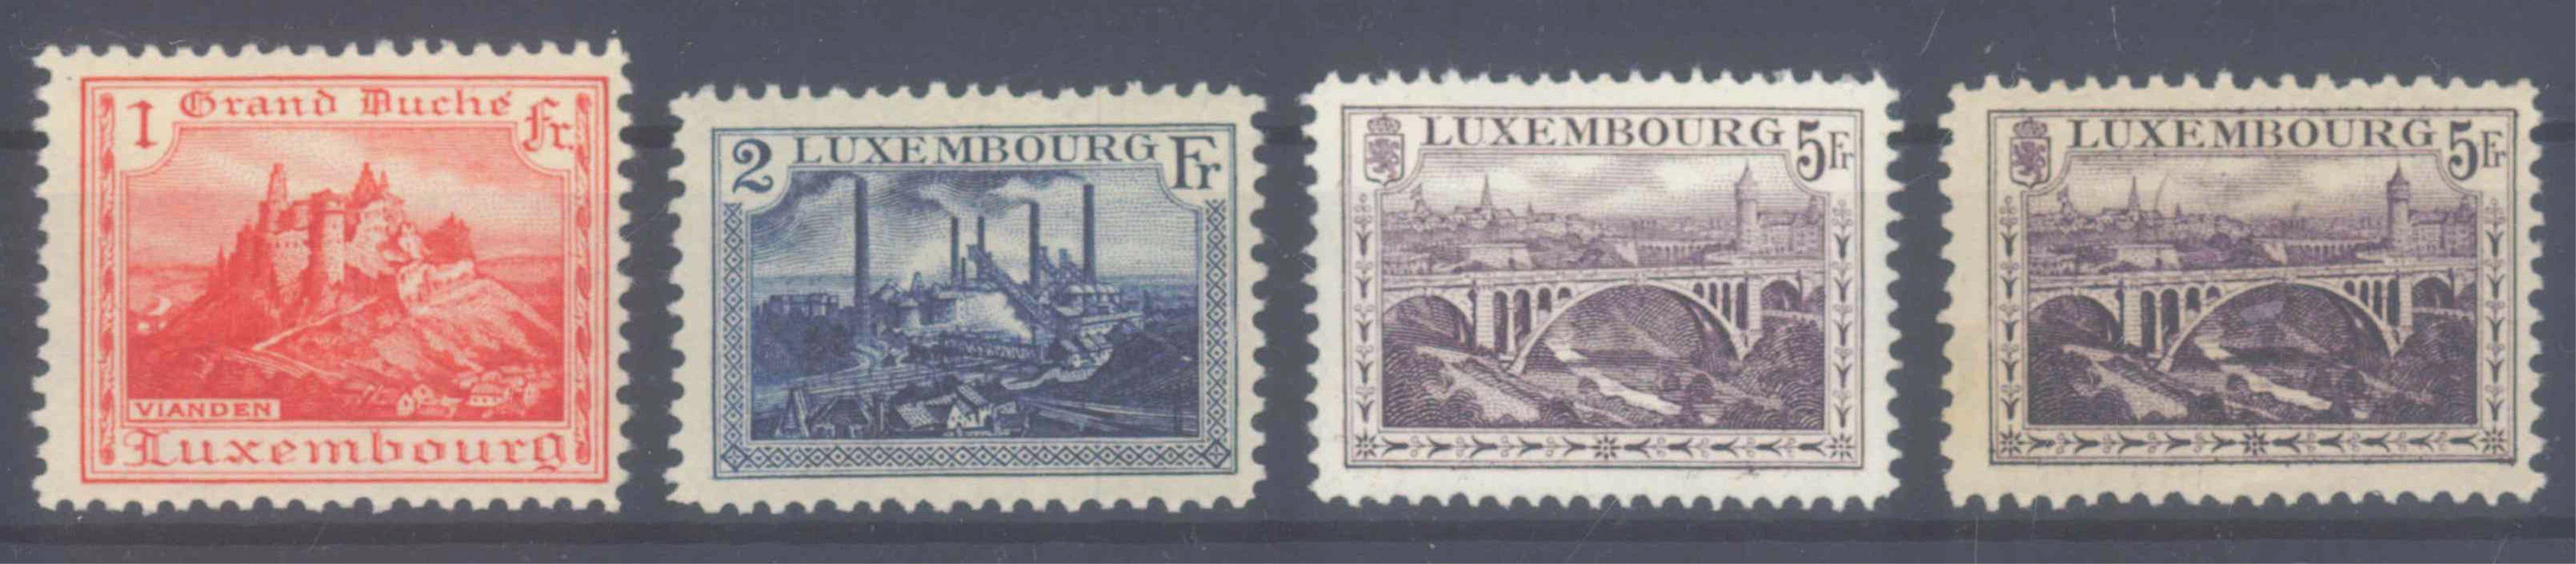 1921 LUXEMBURG, Freimarken Landschaften mit 136 A/B